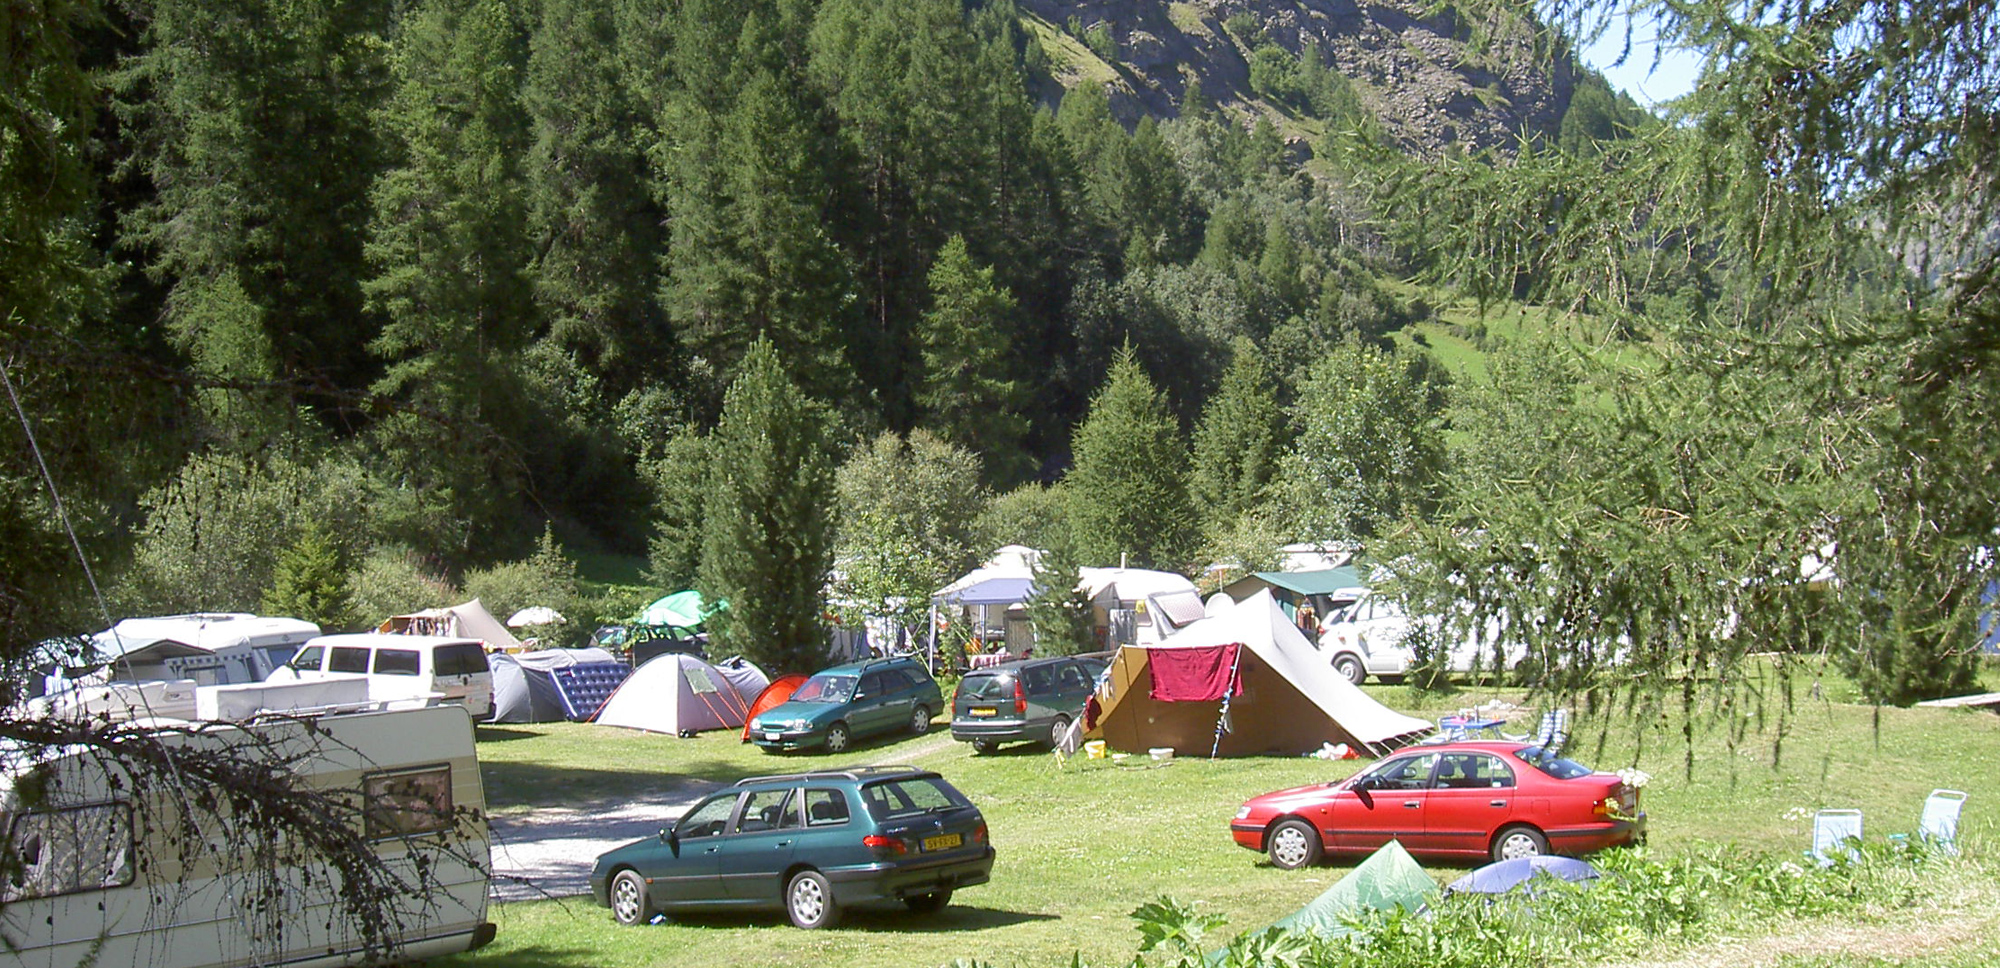 Emplacements de camping tente et voiture